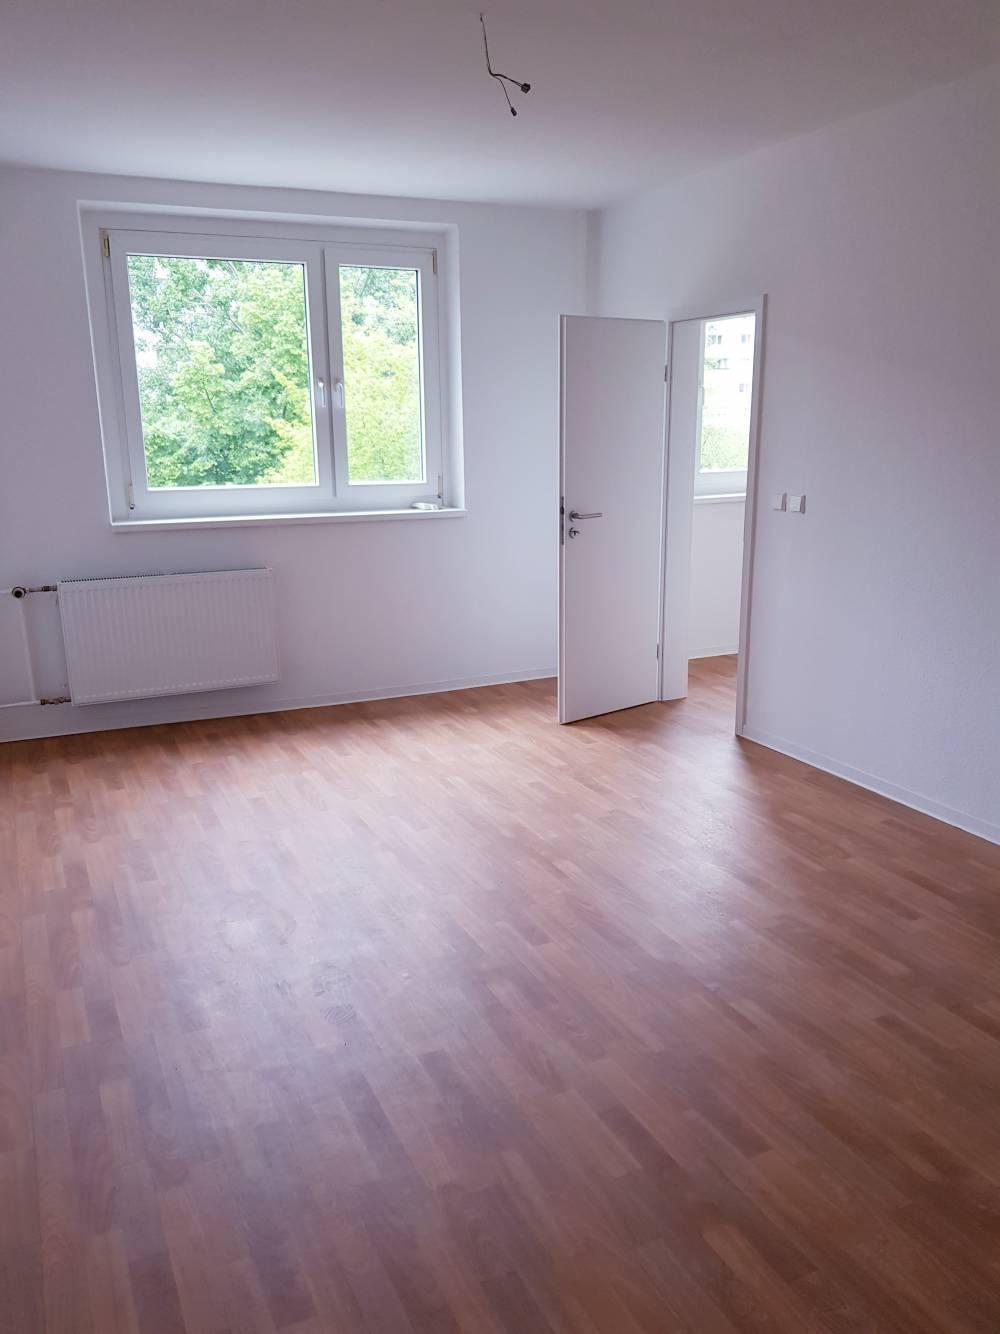 Johannes-R.-Becher-Str. // Wohnzimmer - Muster